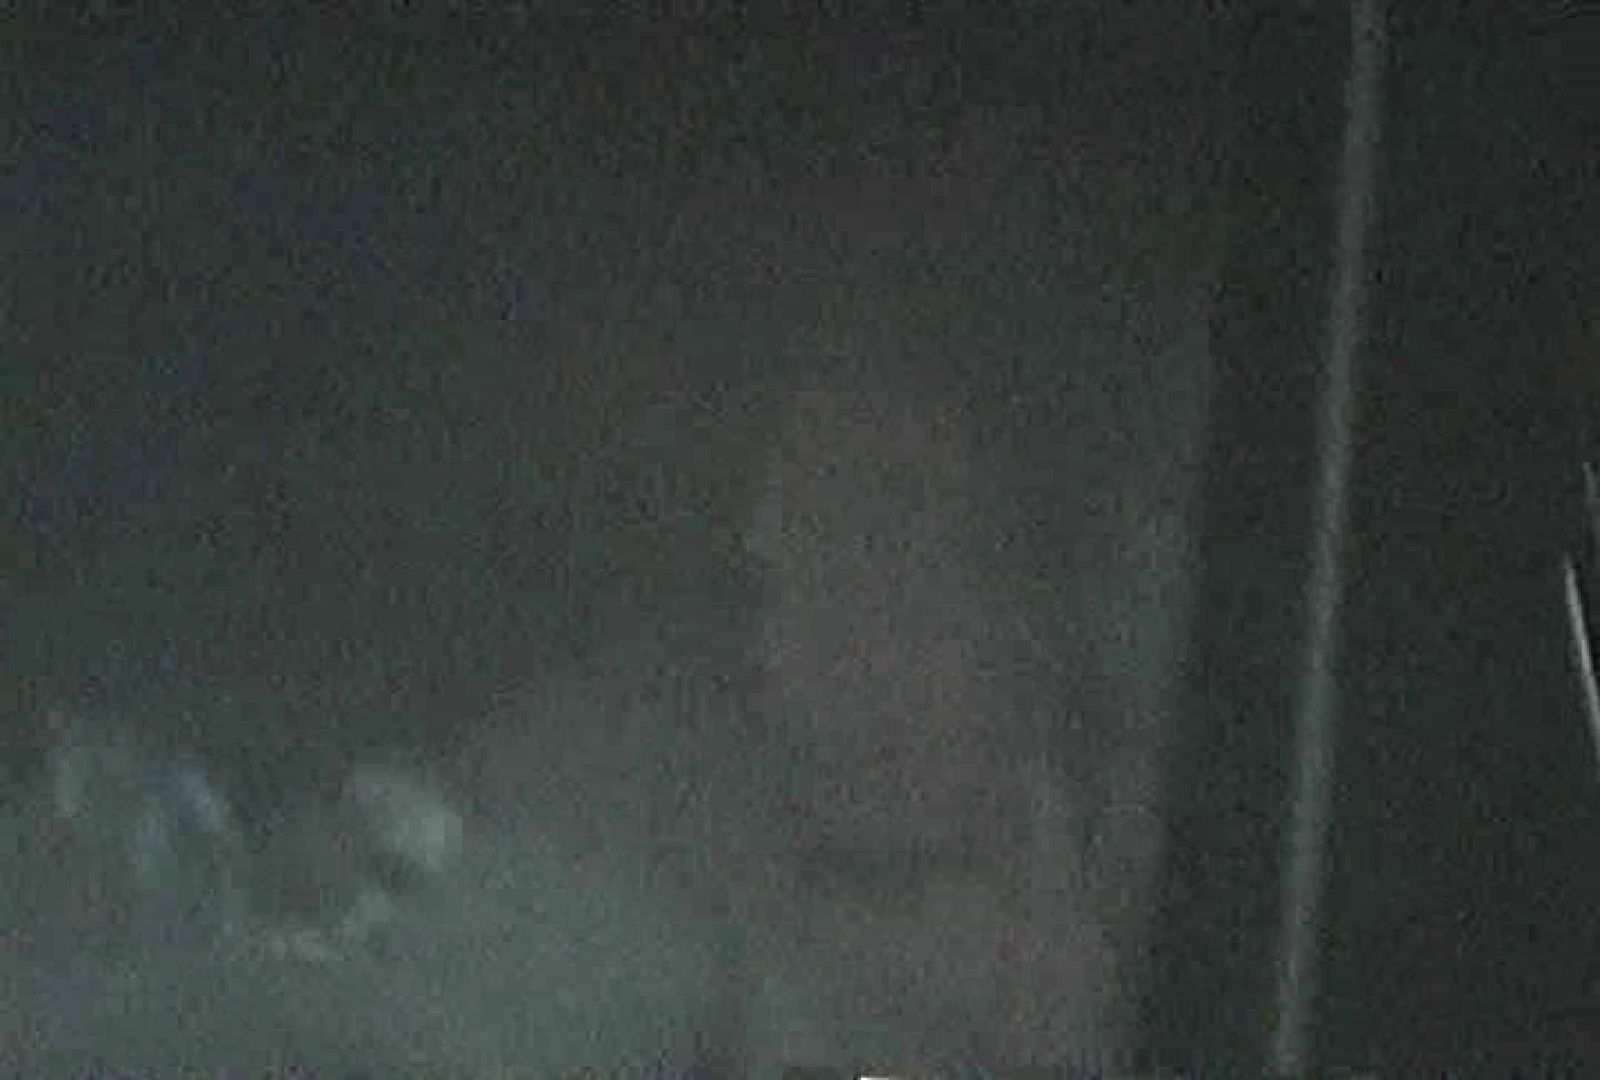 充血監督の深夜の運動会Vol.69 お姉さんのエッチ オメコ無修正動画無料 93PIX 66